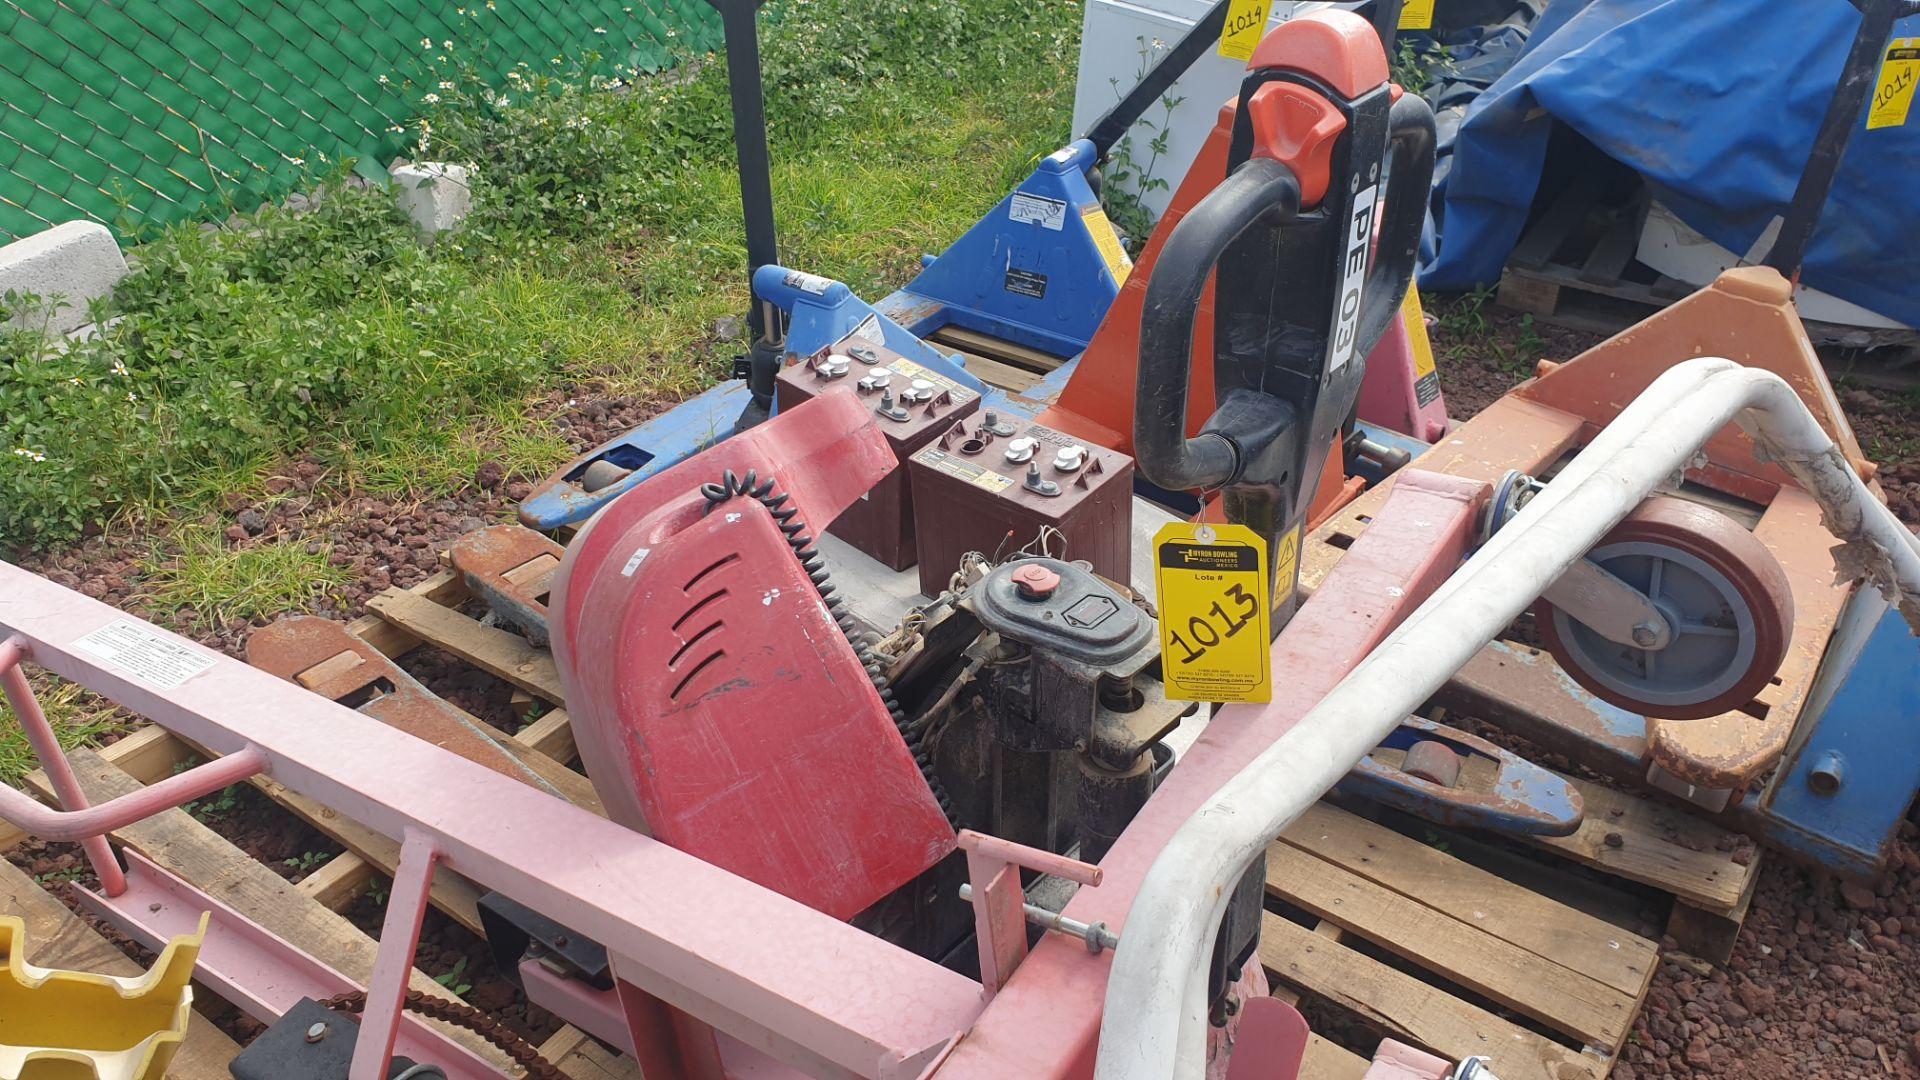 2 HYSTER lift pallet truck model W45ZHD 24 V , 1 DAYTON lift pallet truck model 21XV82 - Image 7 of 21